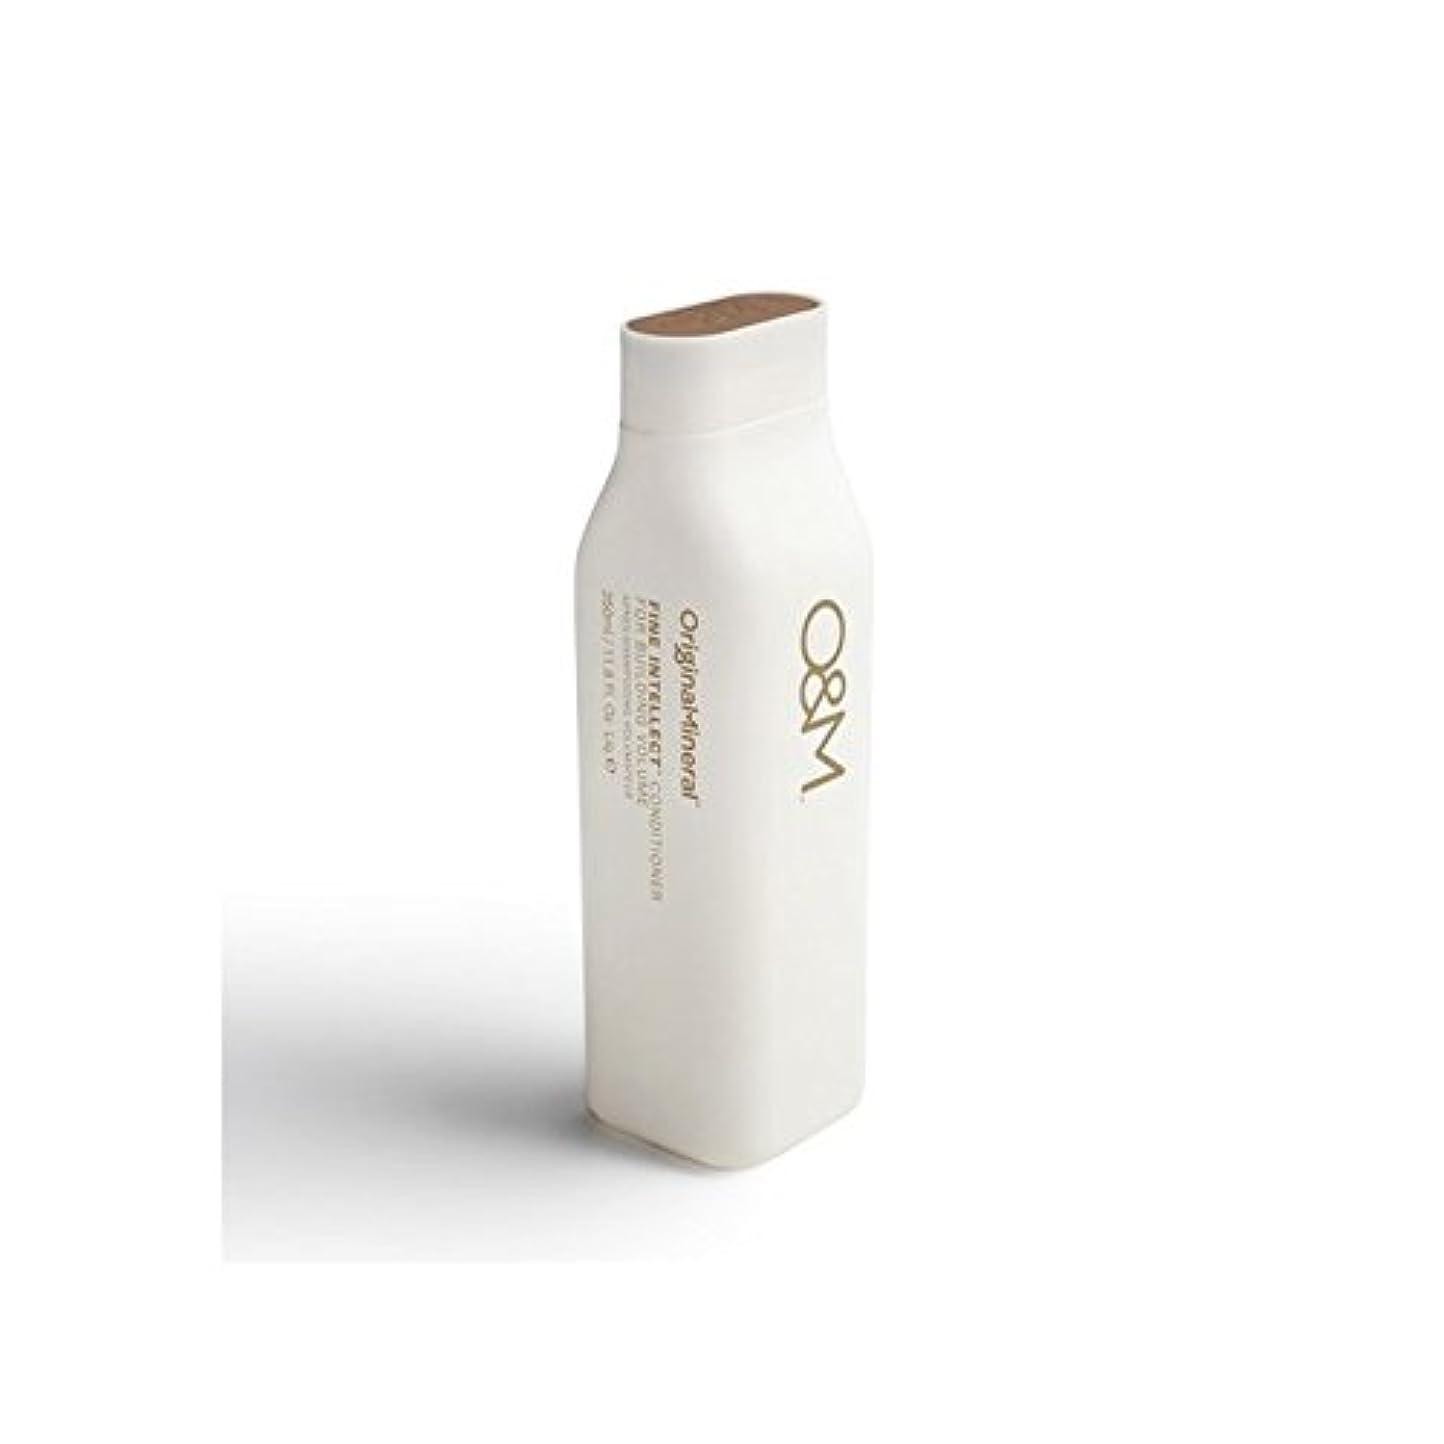 容赦ない調整するファイアルOriginal & Mineral Fine Intellect Conditioner (350ml) (Pack of 6) - オリジナル&ミネラル細かい知性コンディショナー(350ミリリットル) x6 [並行輸入品]